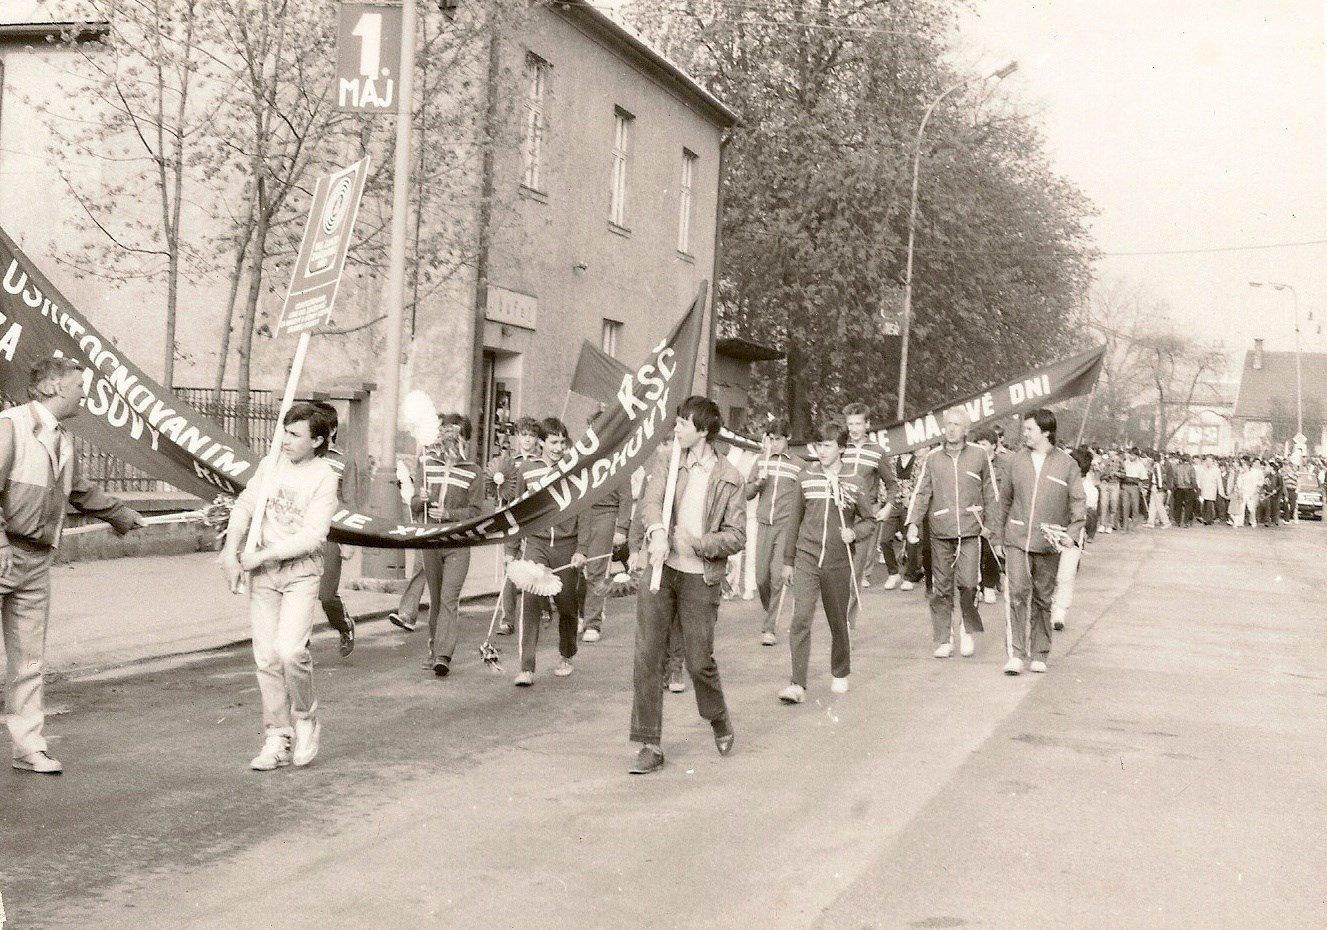 Pochod mesto, 80te roky